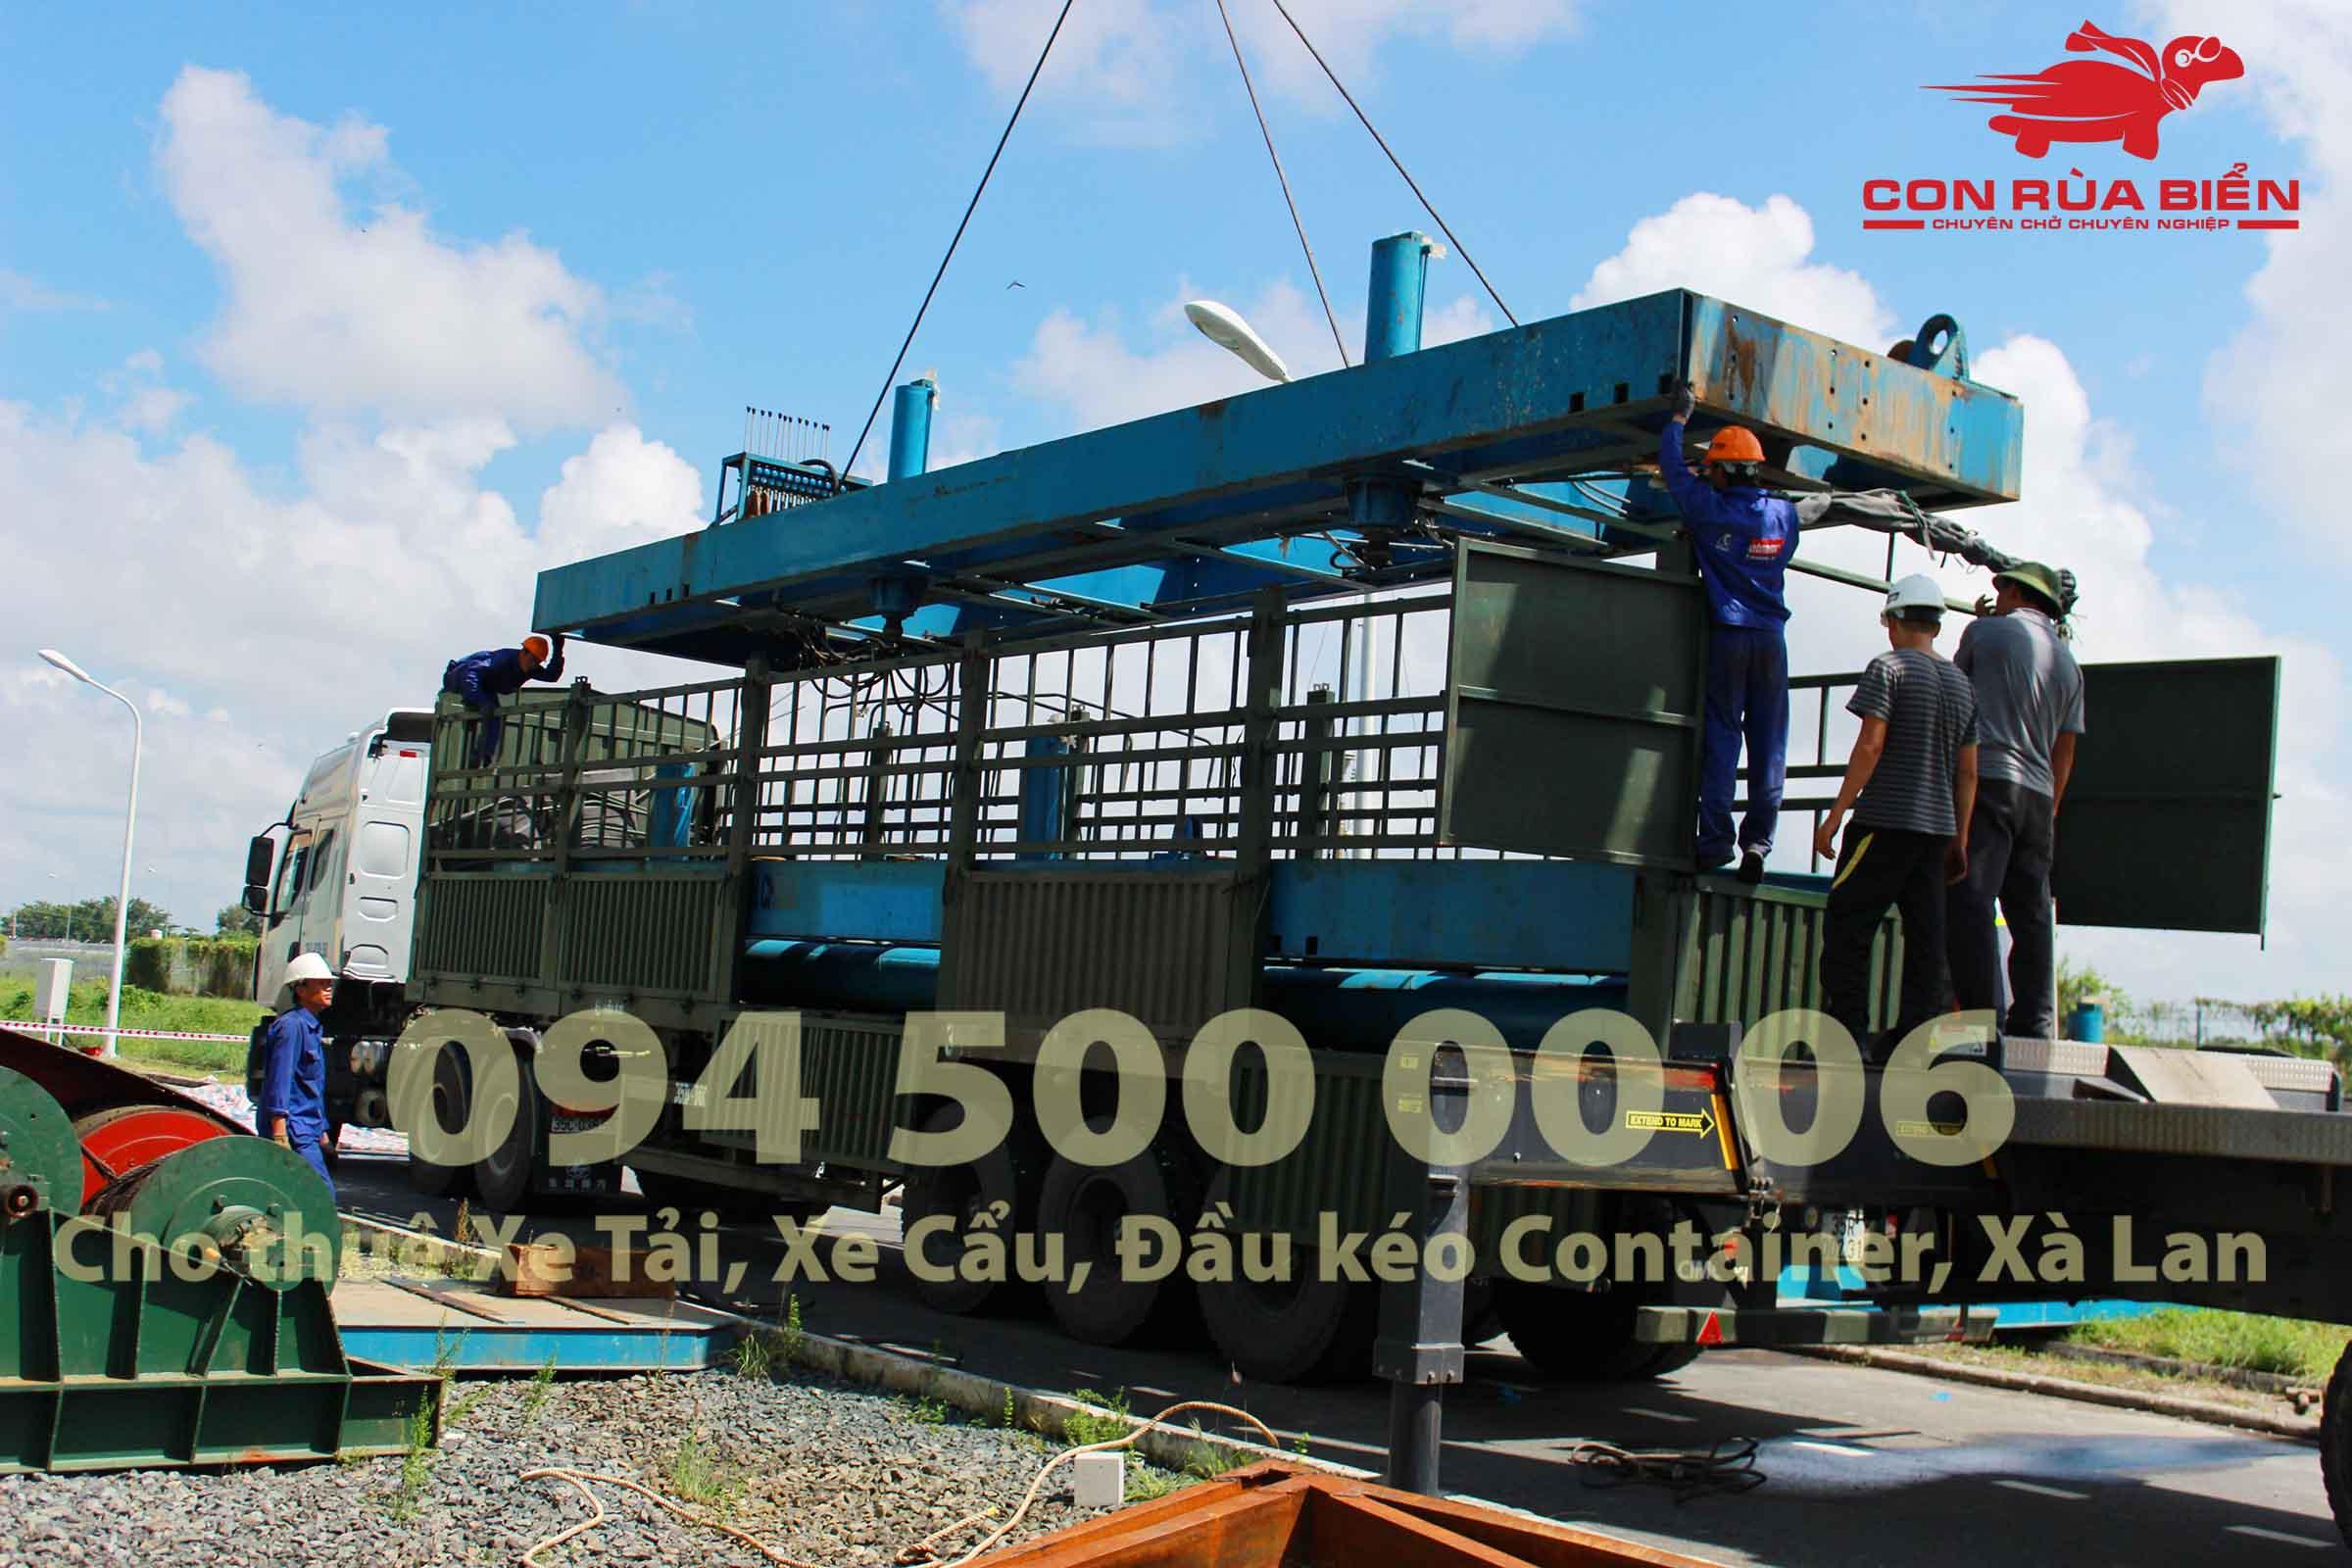 Con Rùa Biển là Chành xe Hà Nội Sài Gòn Phú Quốc chạy chuyên tuyến, cung cấp dịch vụ Vận chuyển hàng siêu trường siêu trọng đi Phú Quốc   0945000006